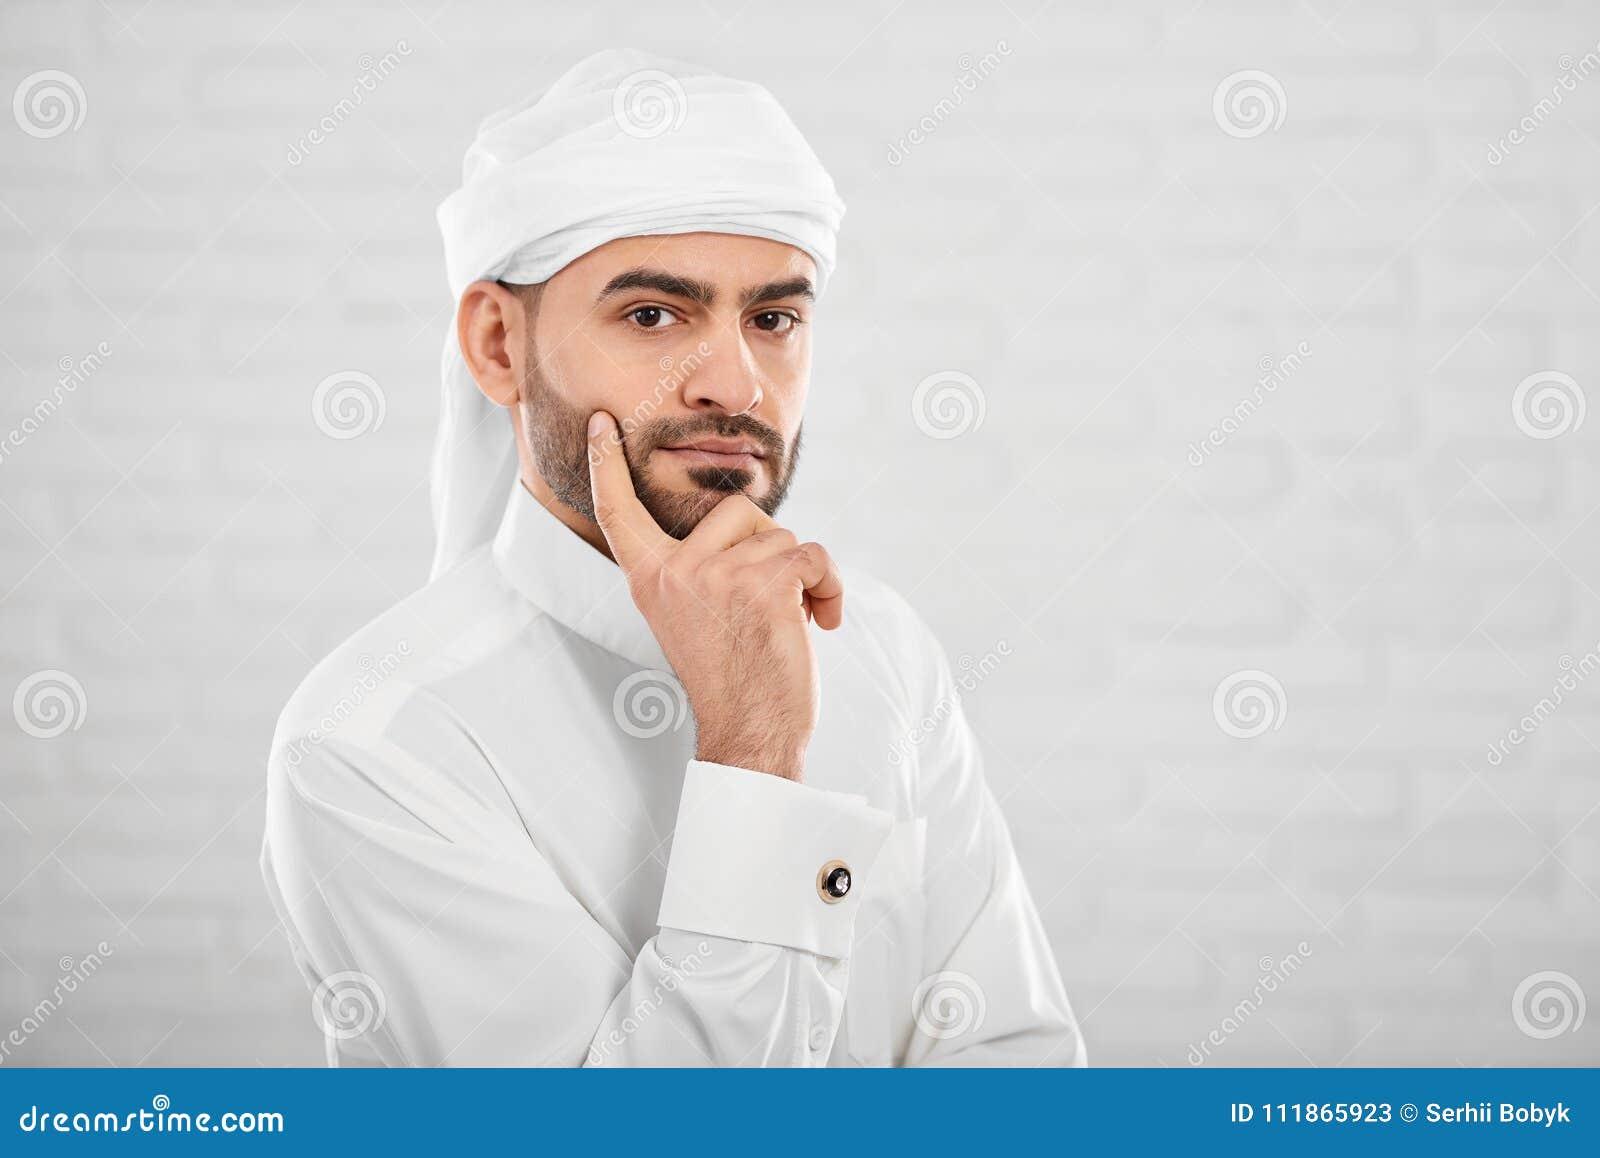 Ung attraktiv muslimman i traditionellt islamiskt cloting tänka om något